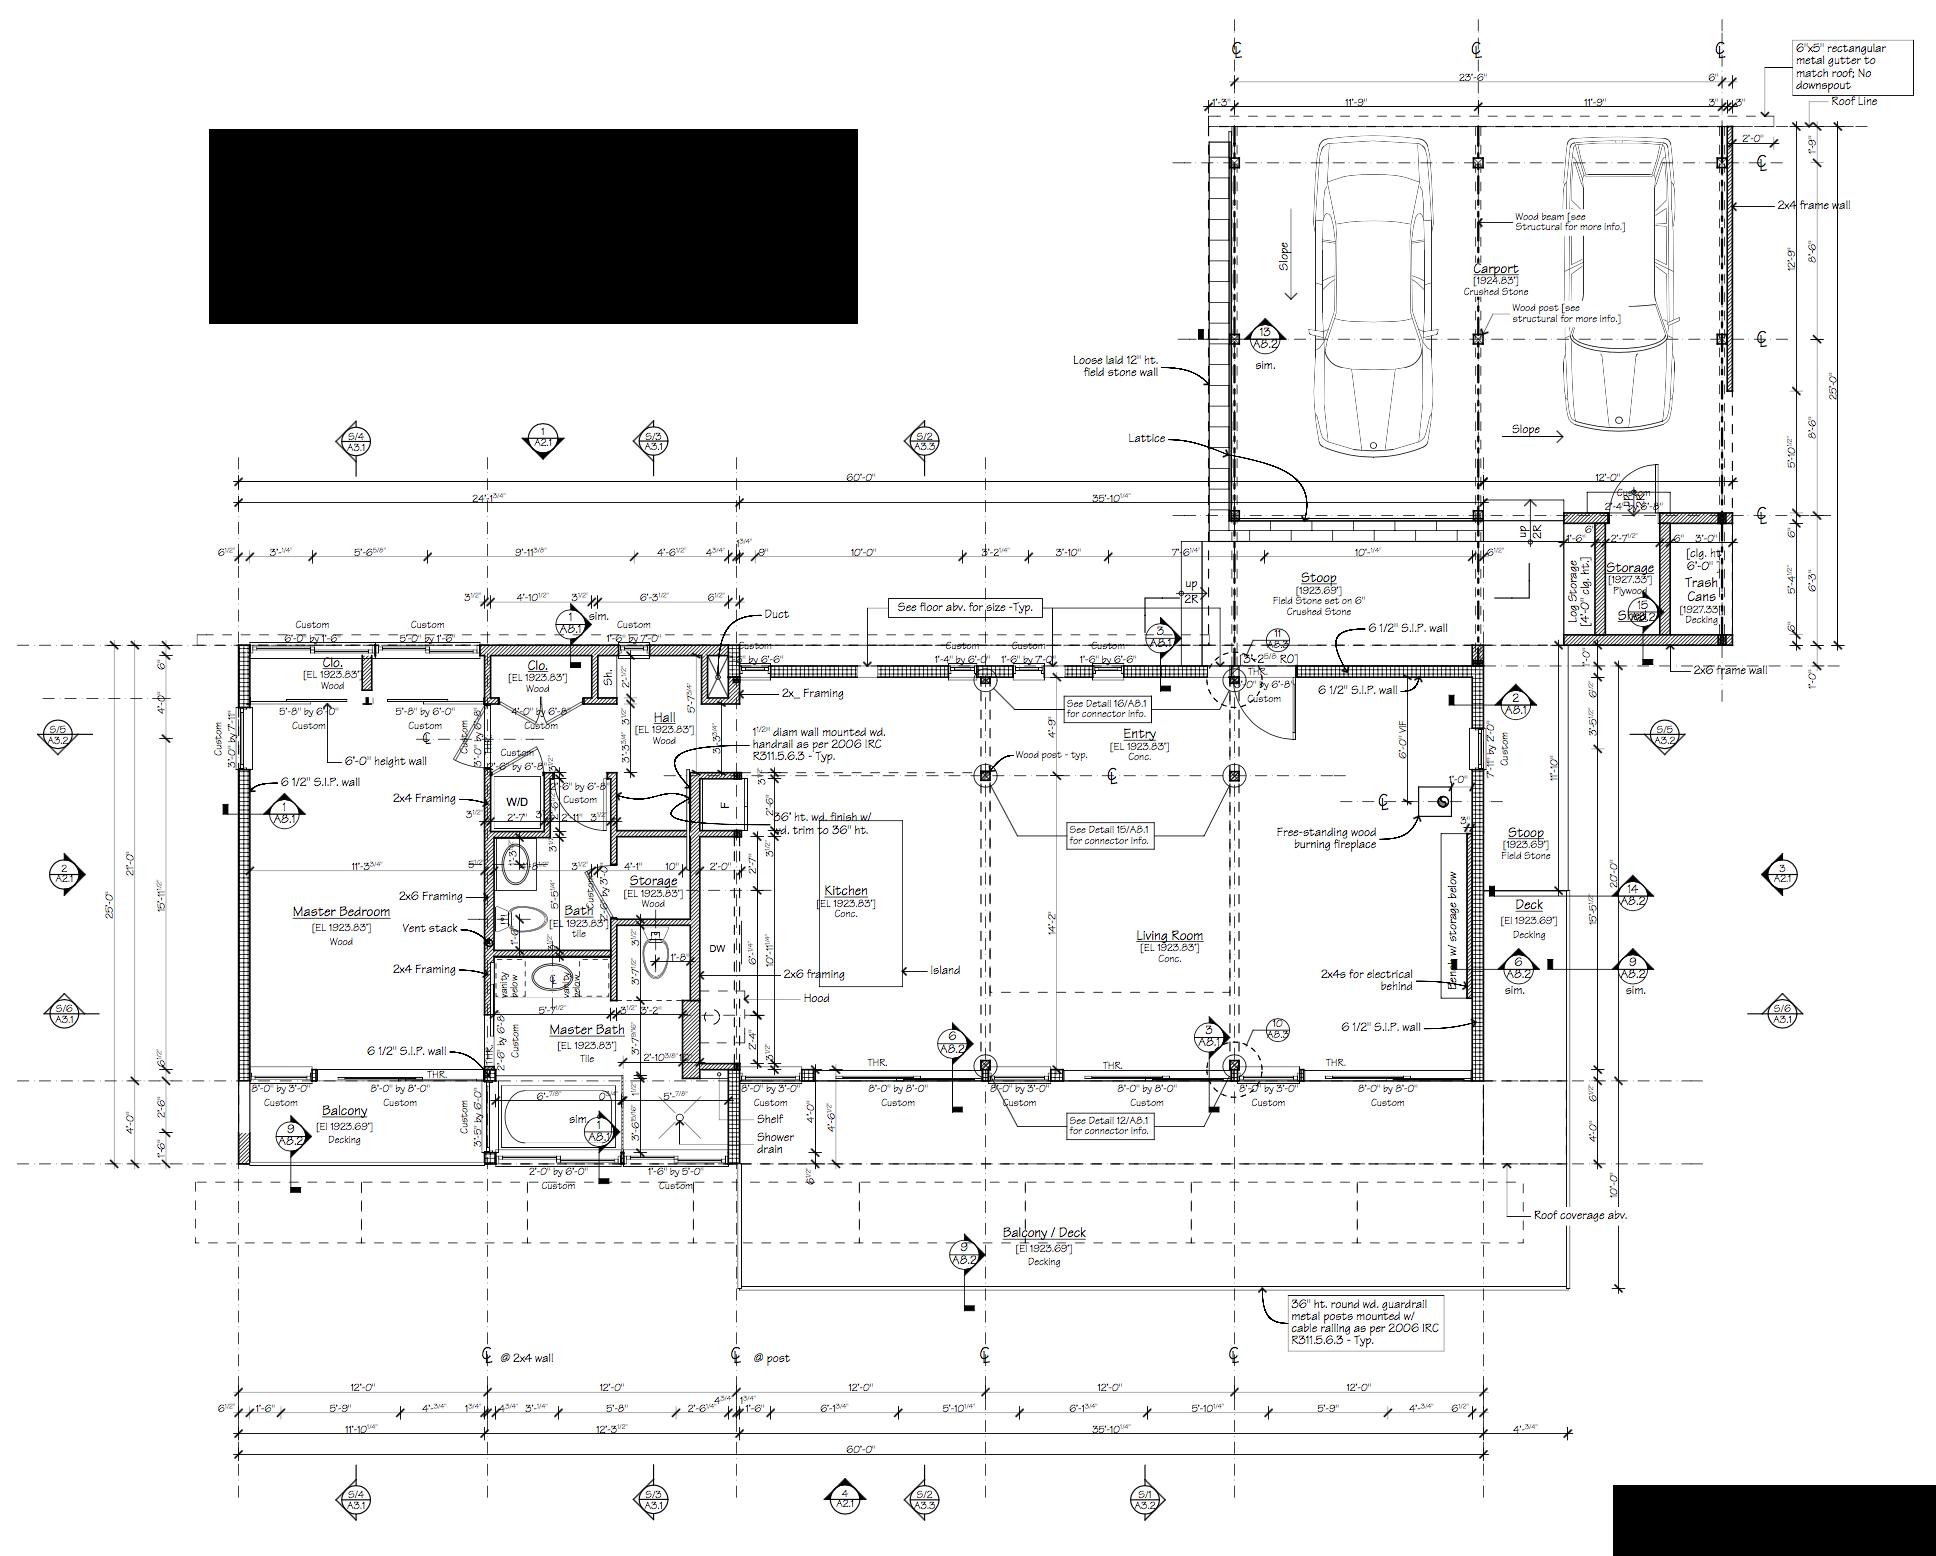 CD 1st Floor Plan.png